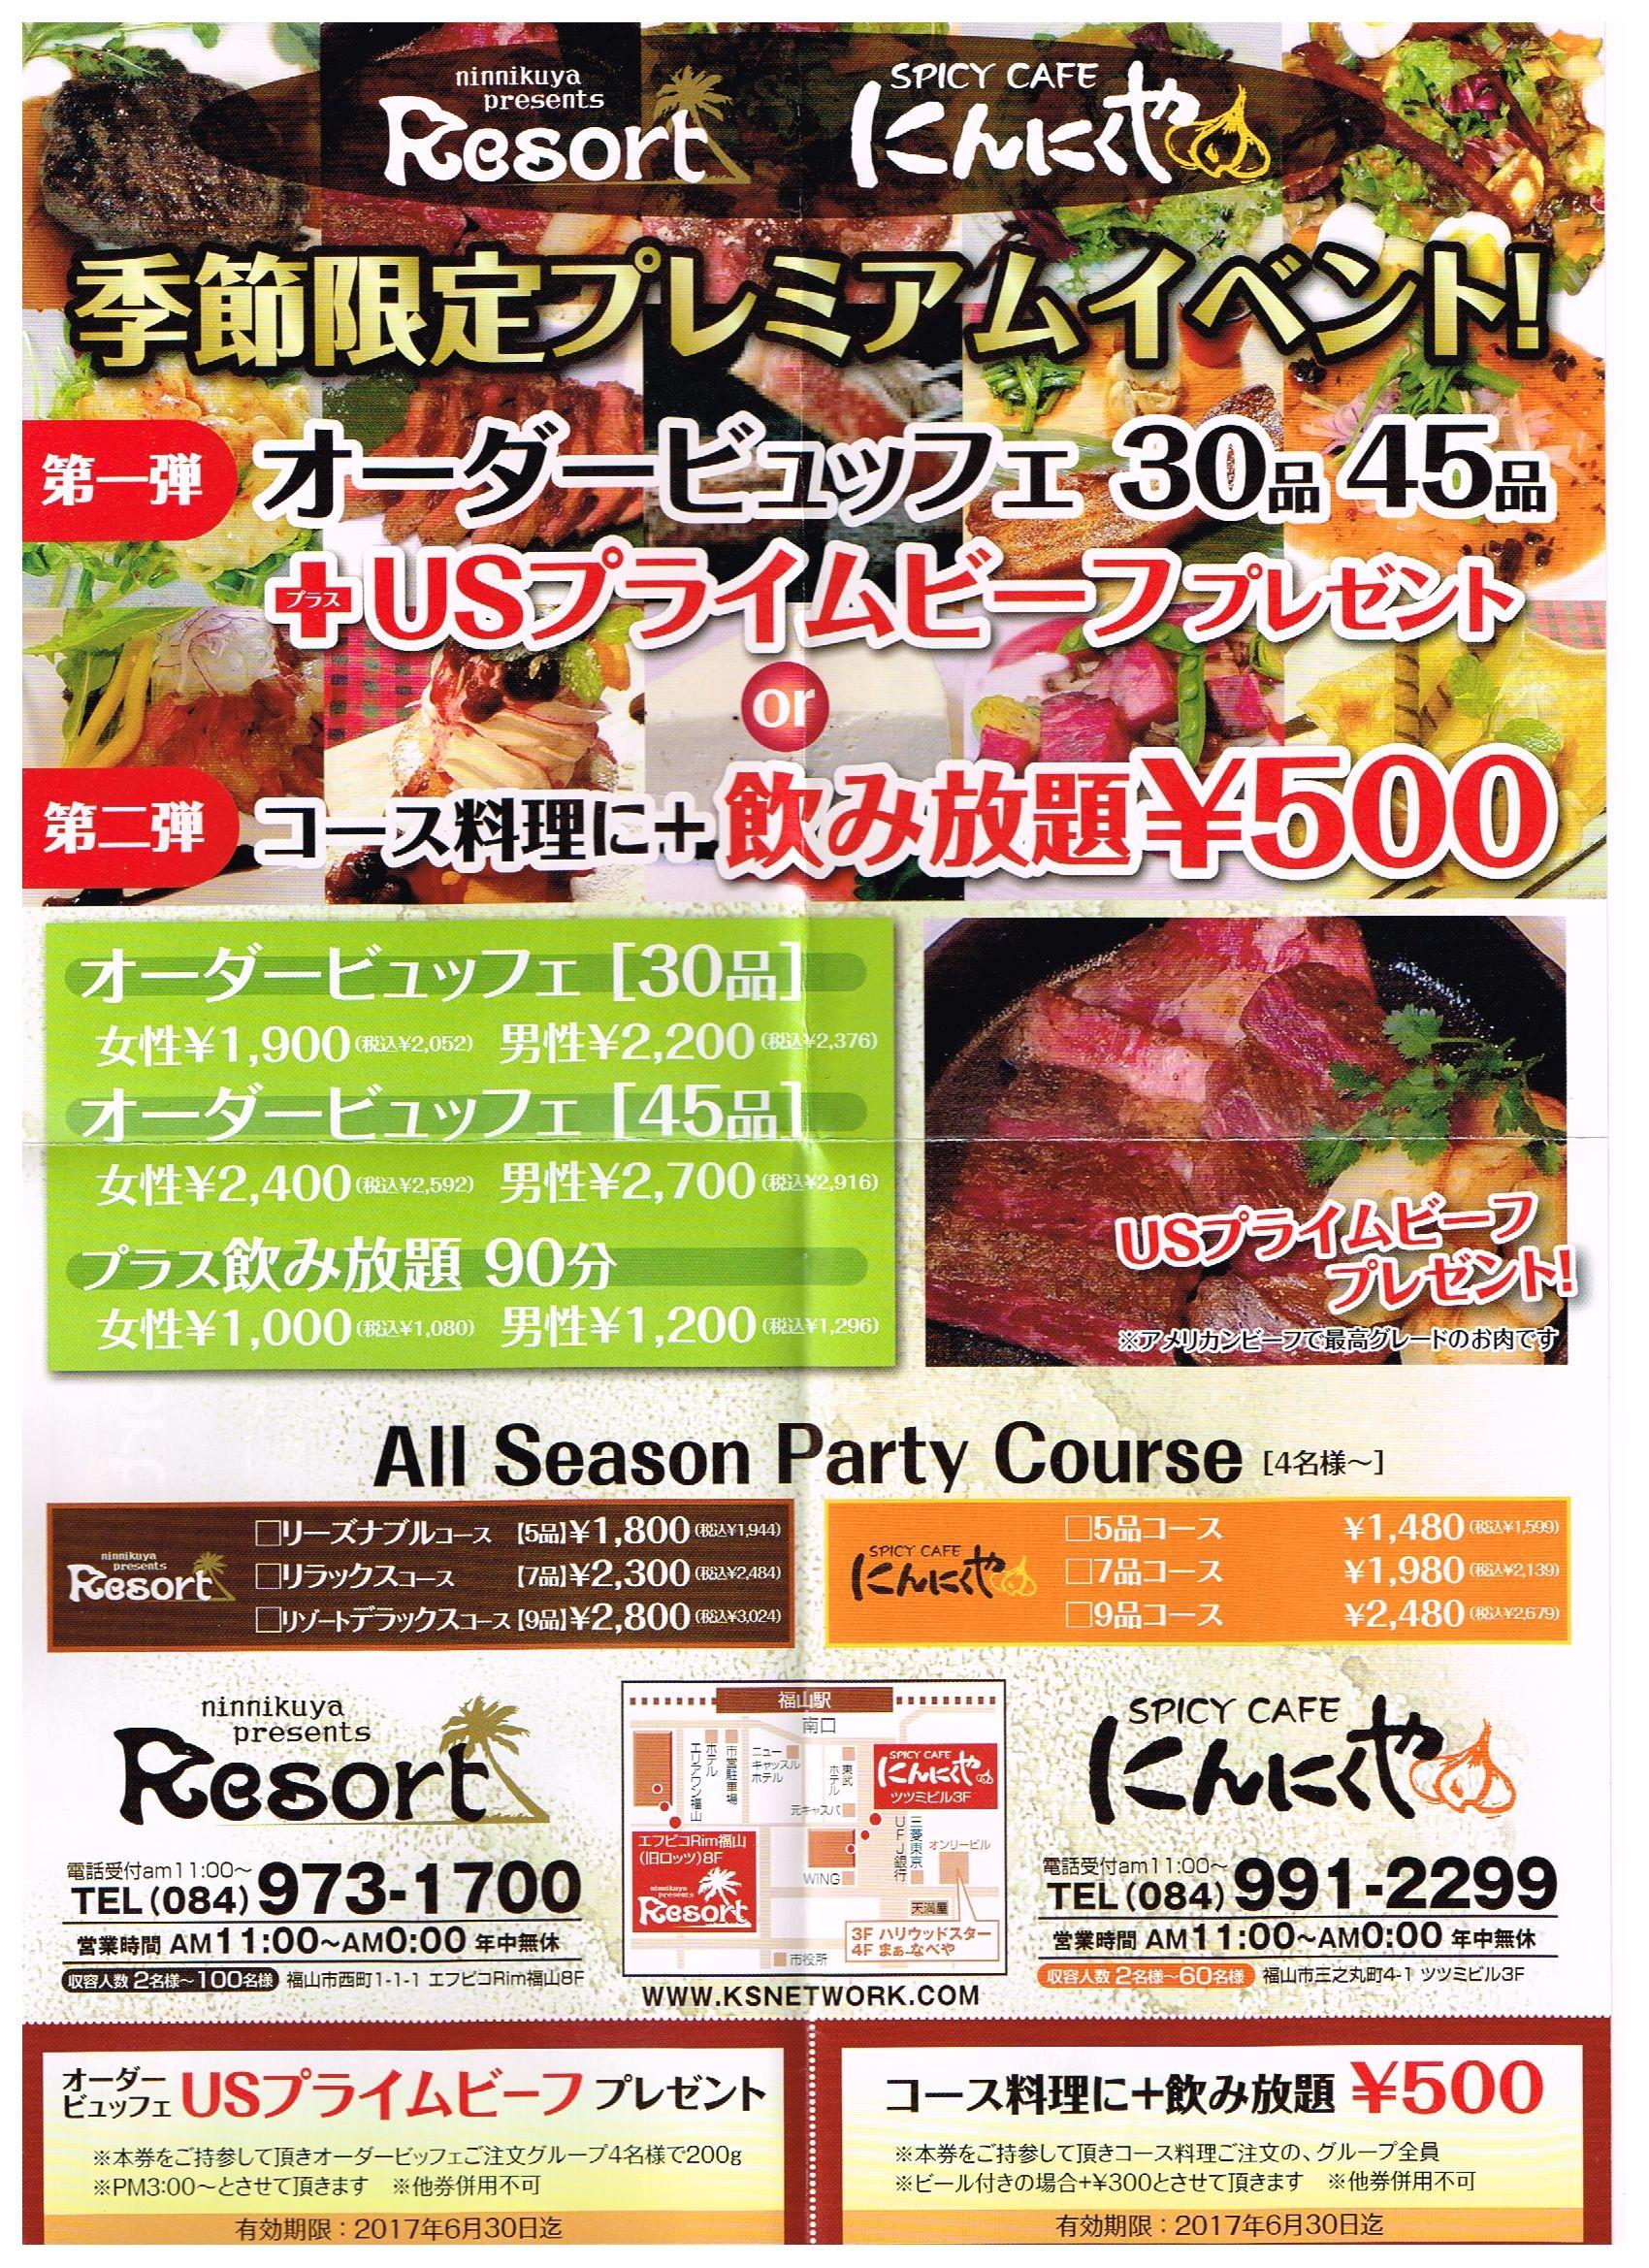 「にんにくや」から『季節限定プレミアムイベント』のご案内 コース料理+飲み放題がなんと500円